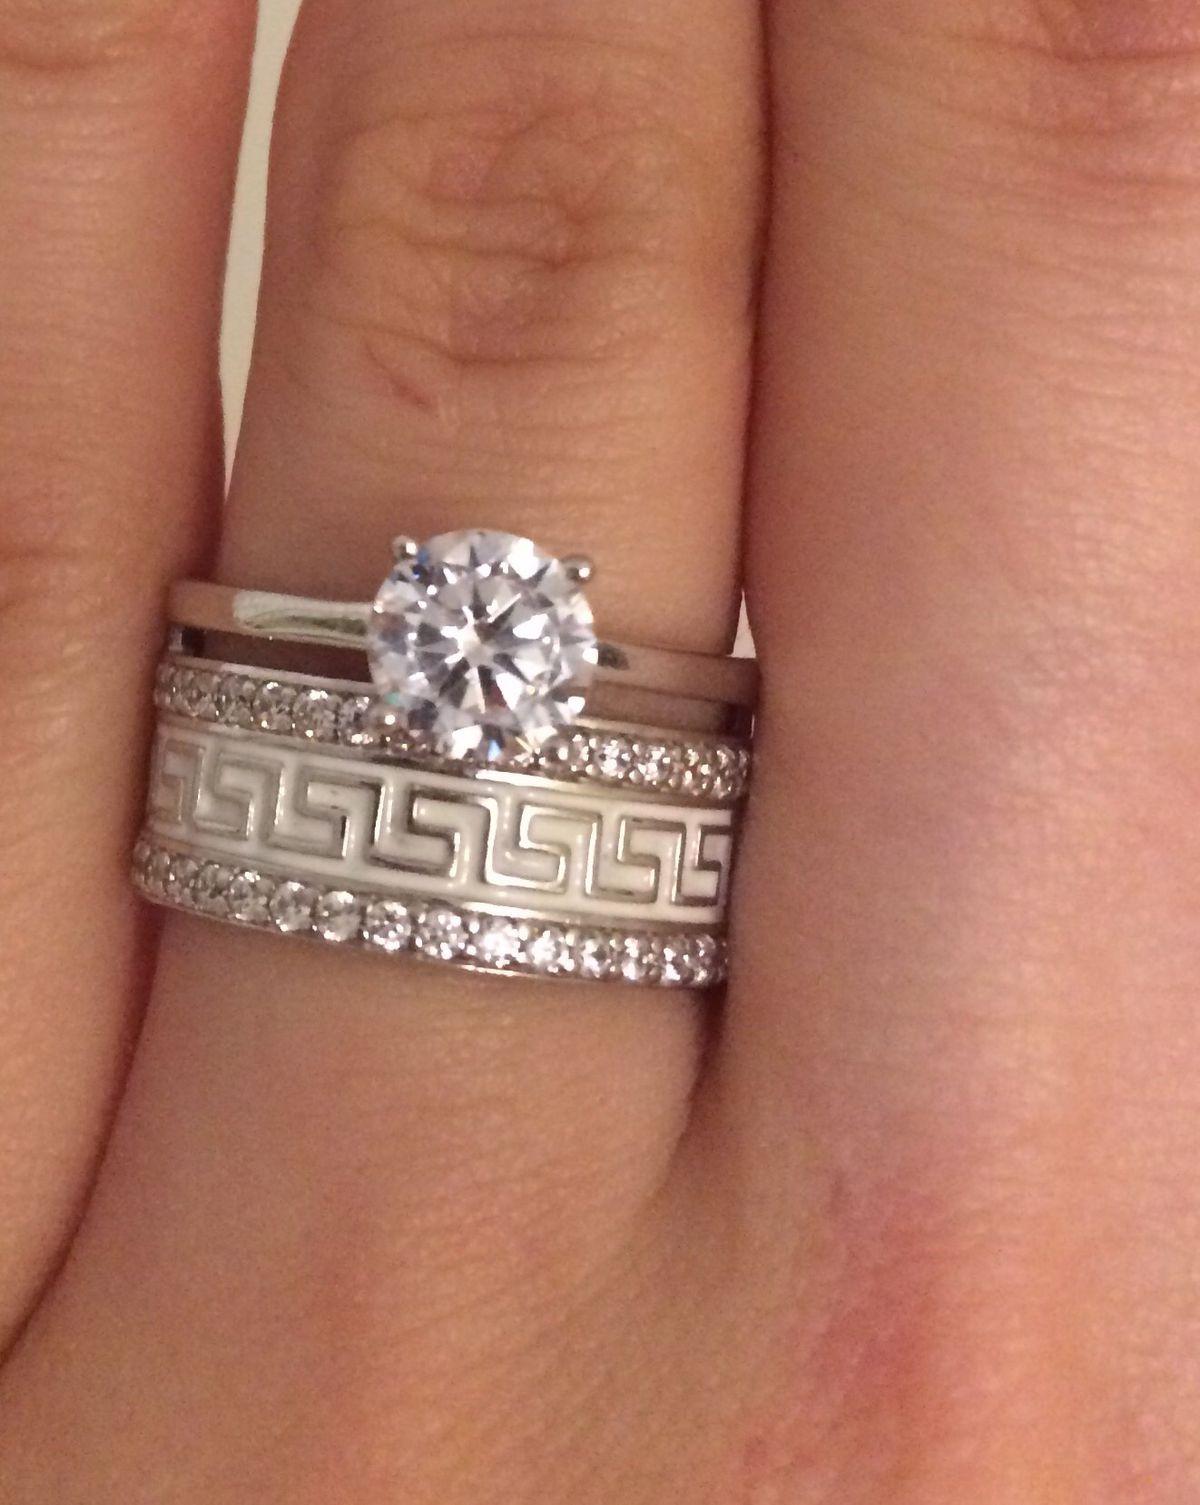 Супер кольцо! Я влюбилась!